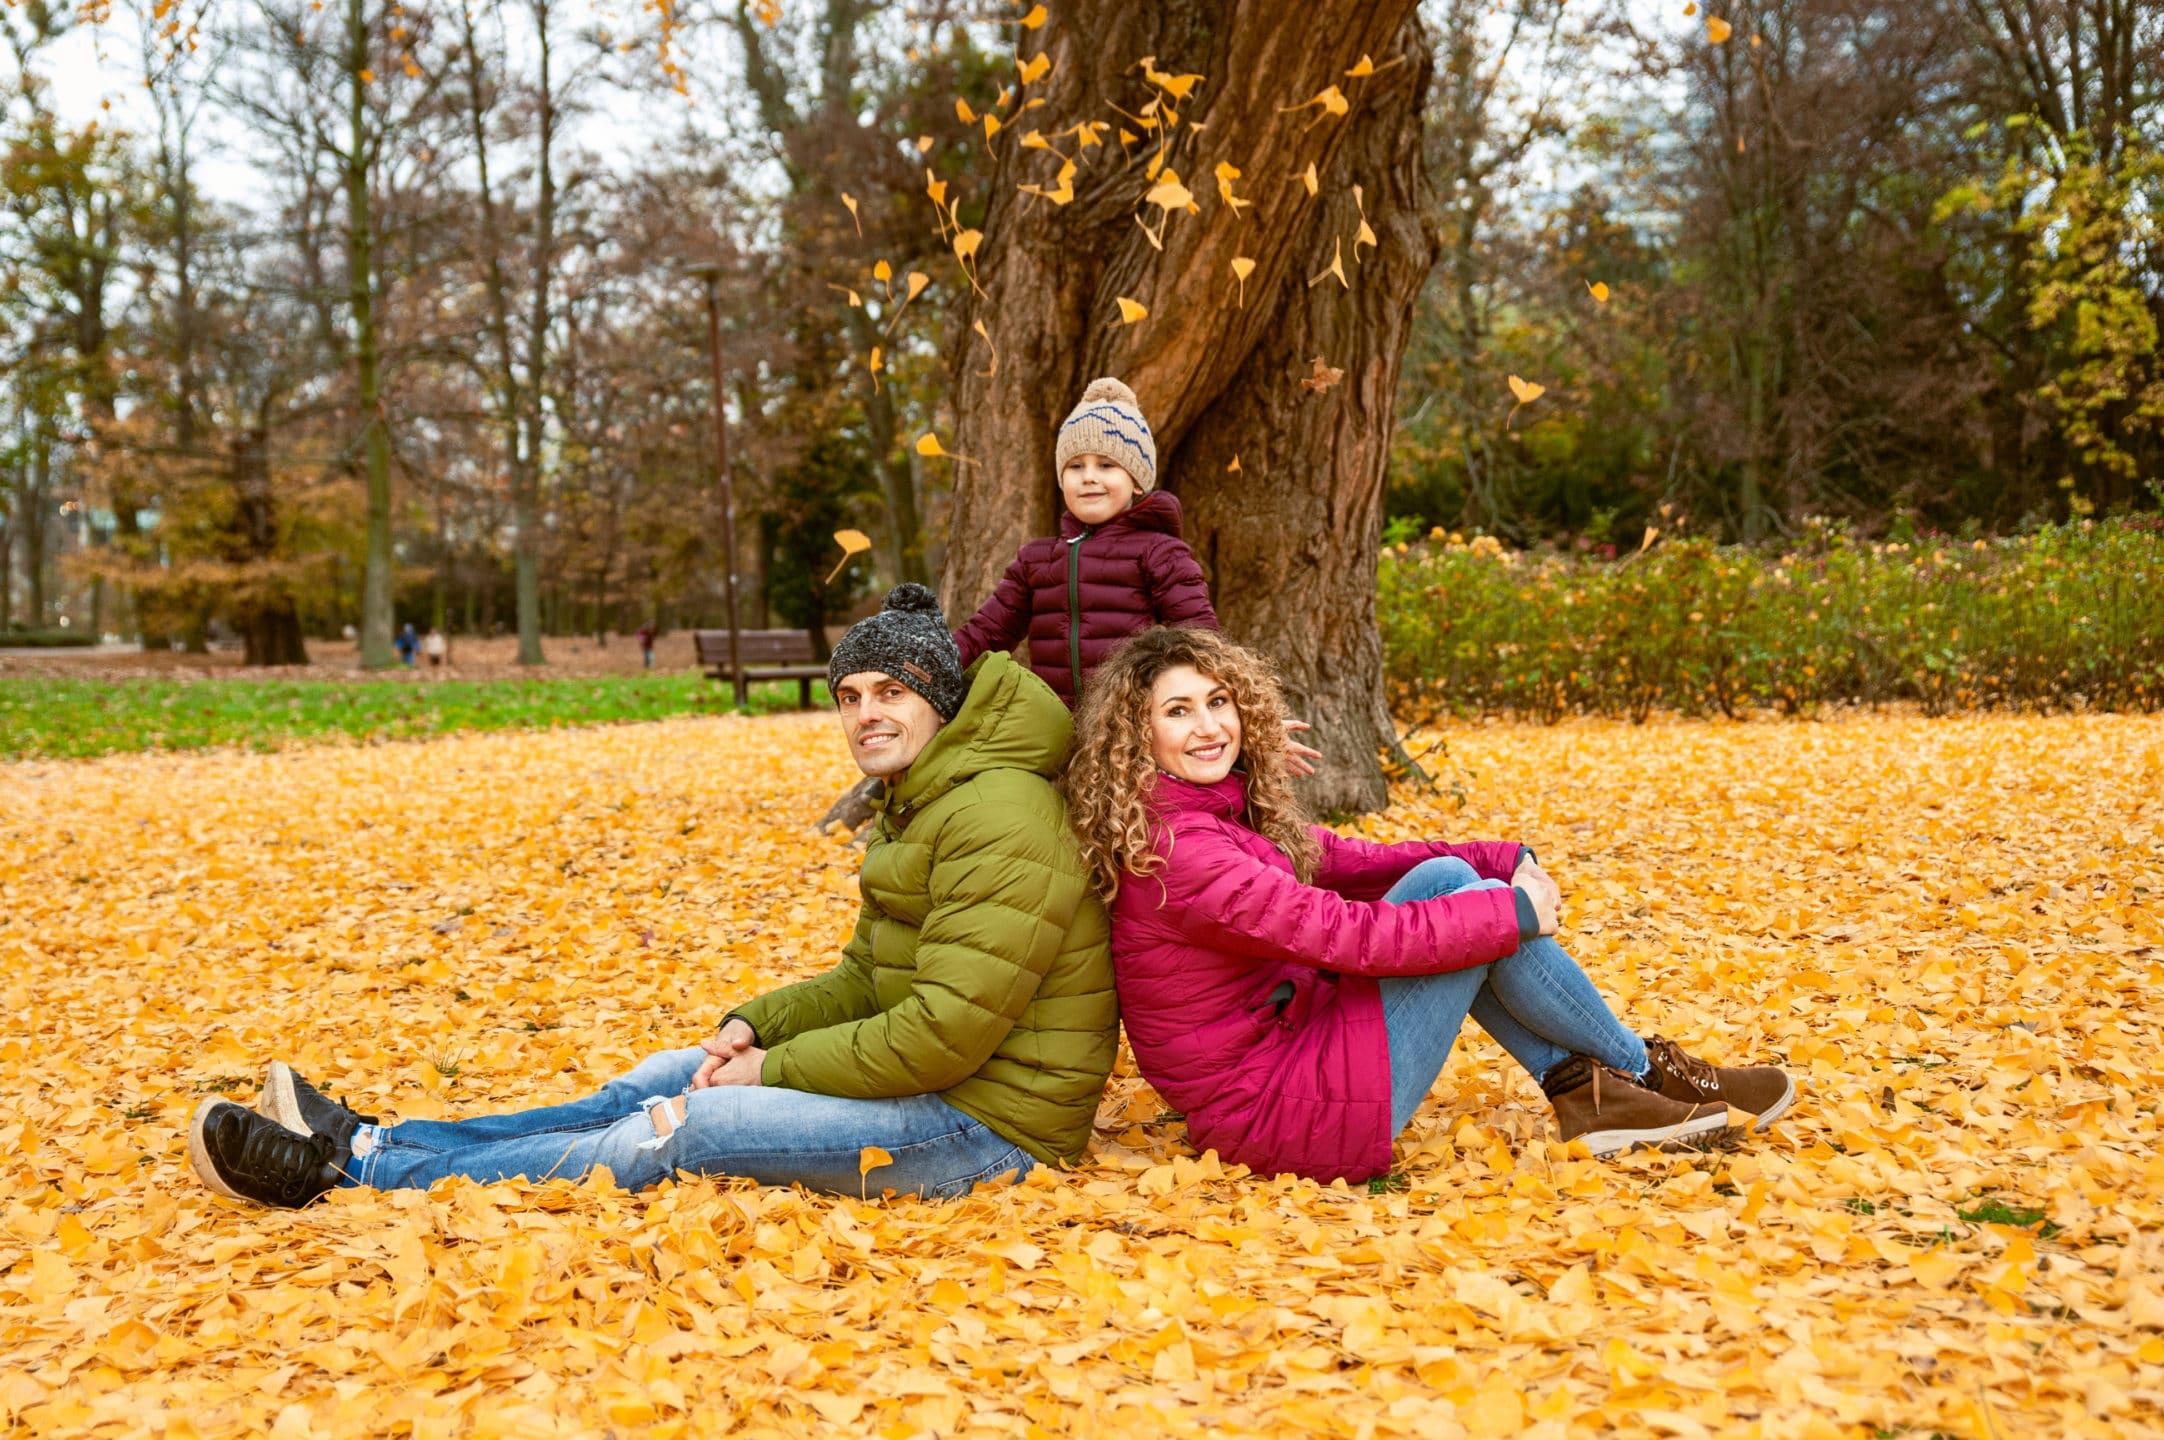 fotka rodinny sediacej v jesennom listi zo synom ktory vyhadzuje listie do vzduchu